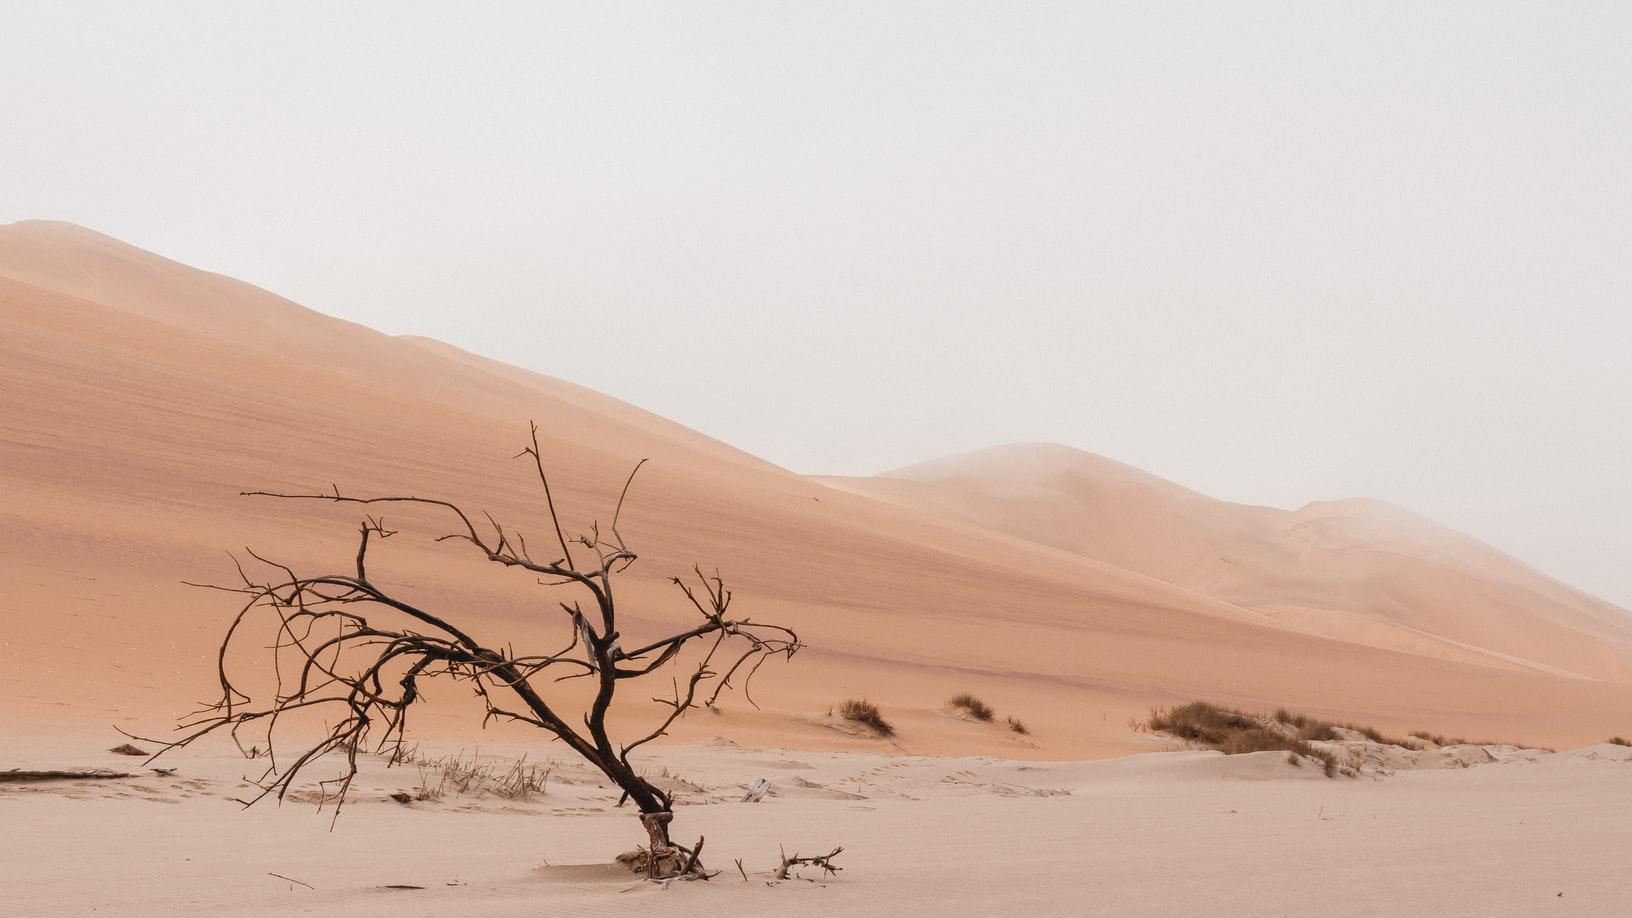 A dead treat in front of desert dunes.